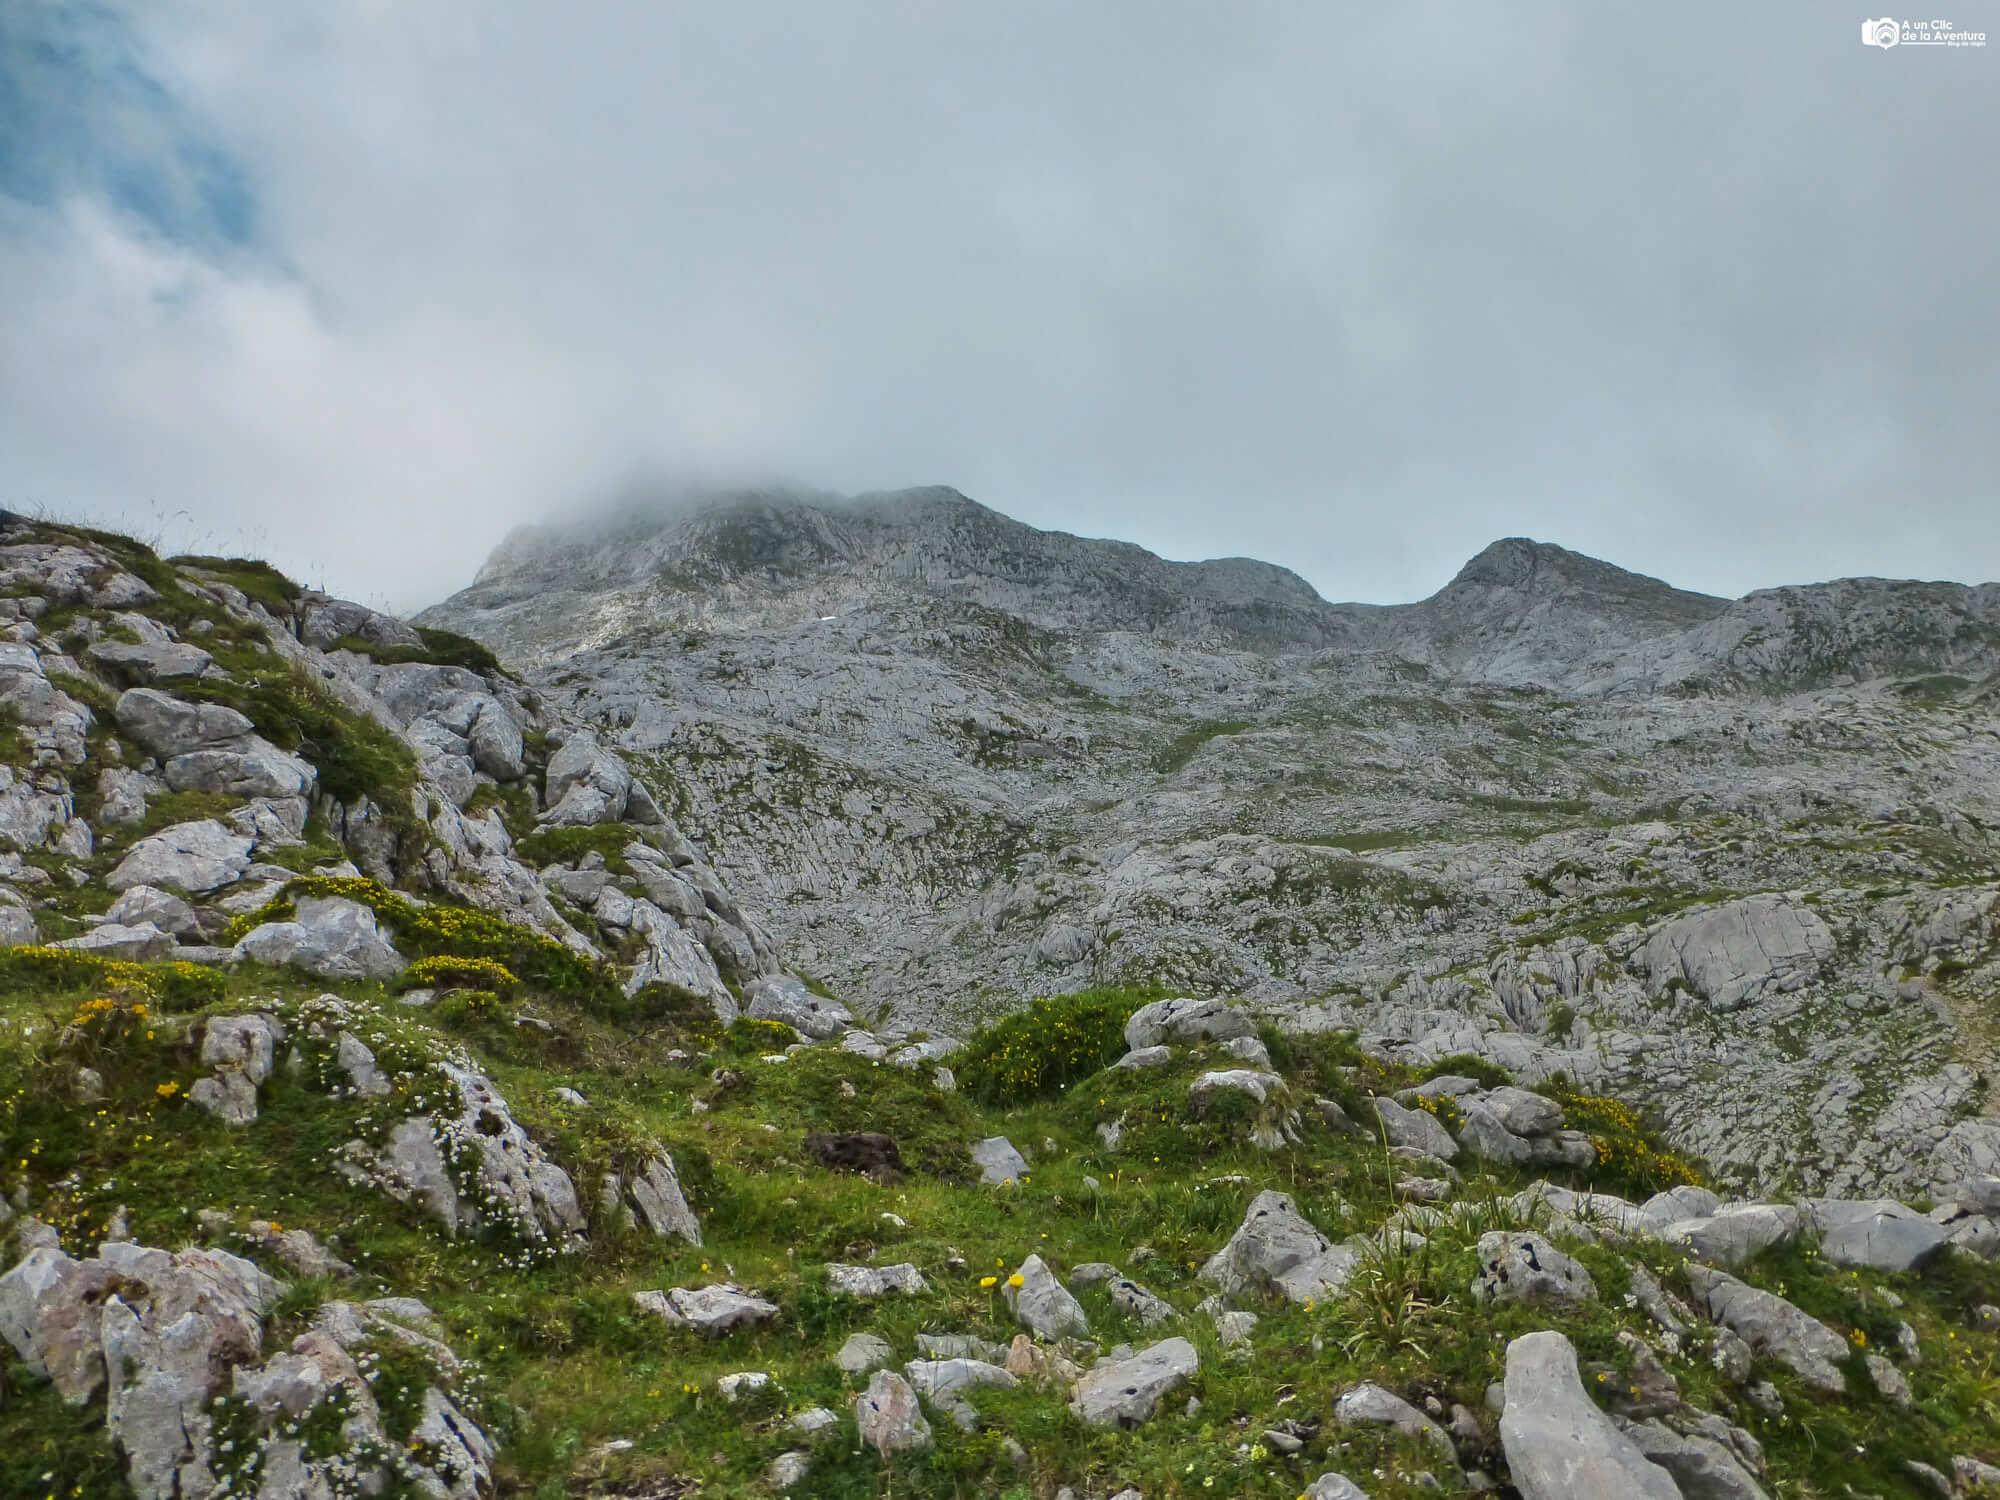 Ruta al Mirador de Ordiales - Rutas por los Picos de Europa